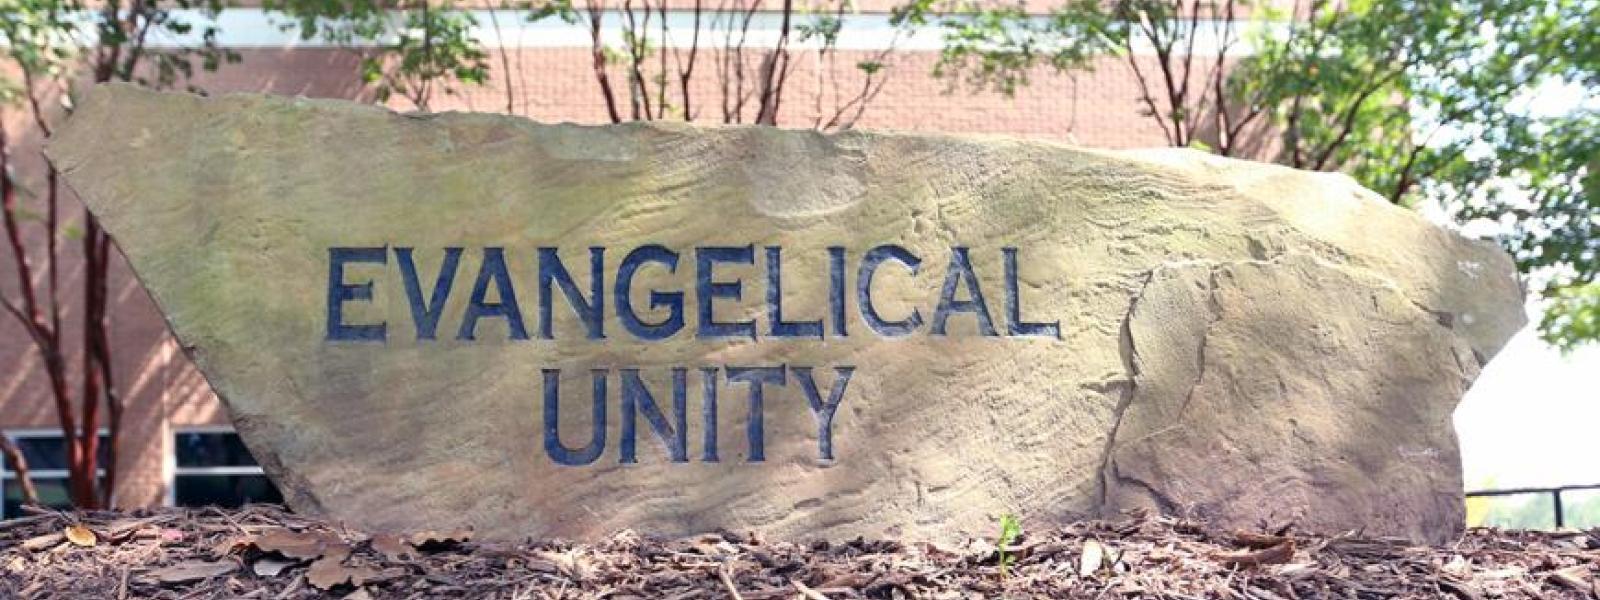 Evangelical Unity